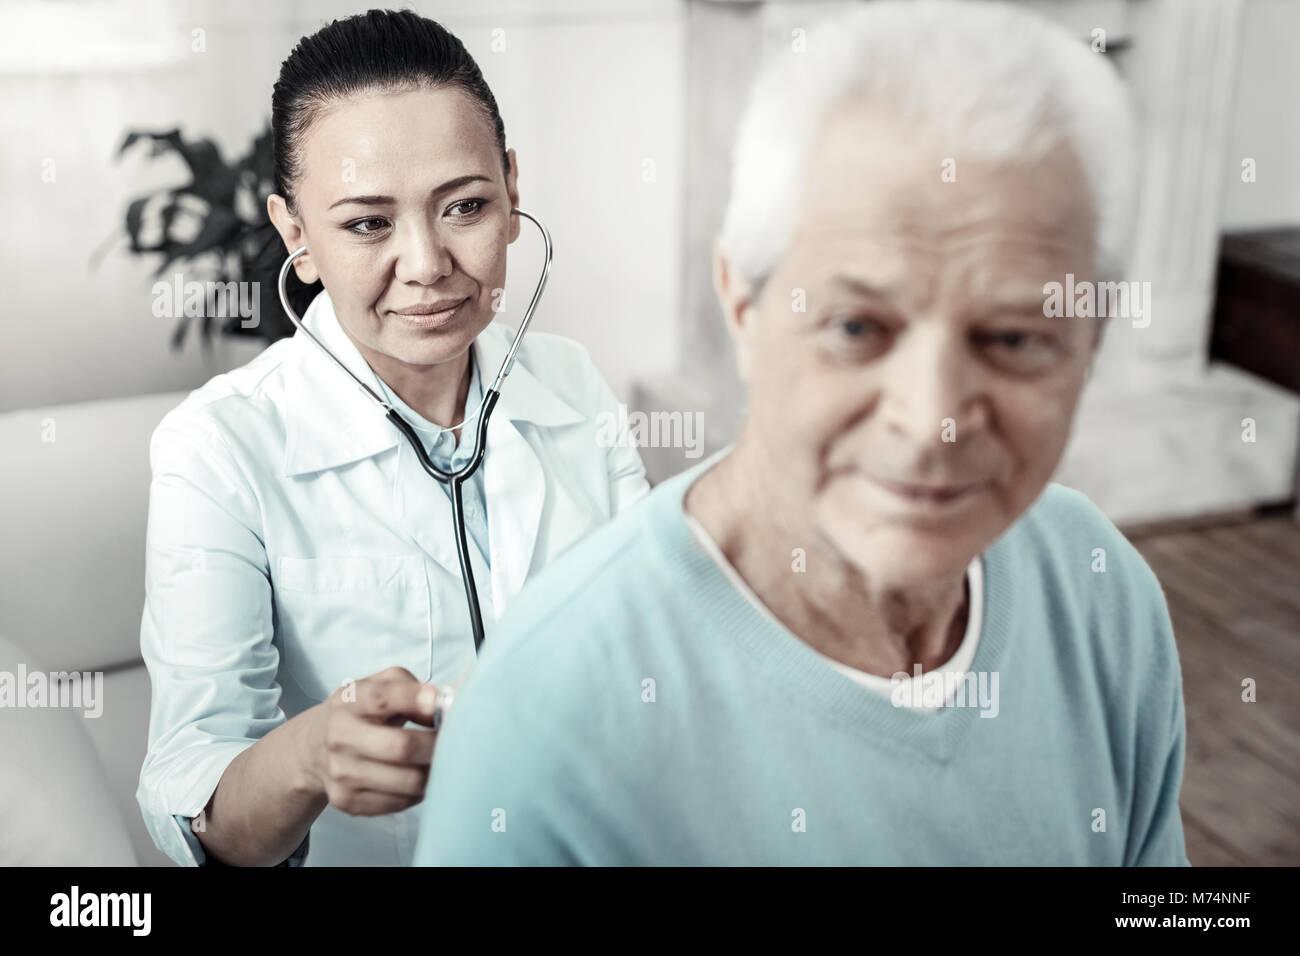 Art süße Krankenschwester Untersuchung der Patienten und lächelnd. Stockbild